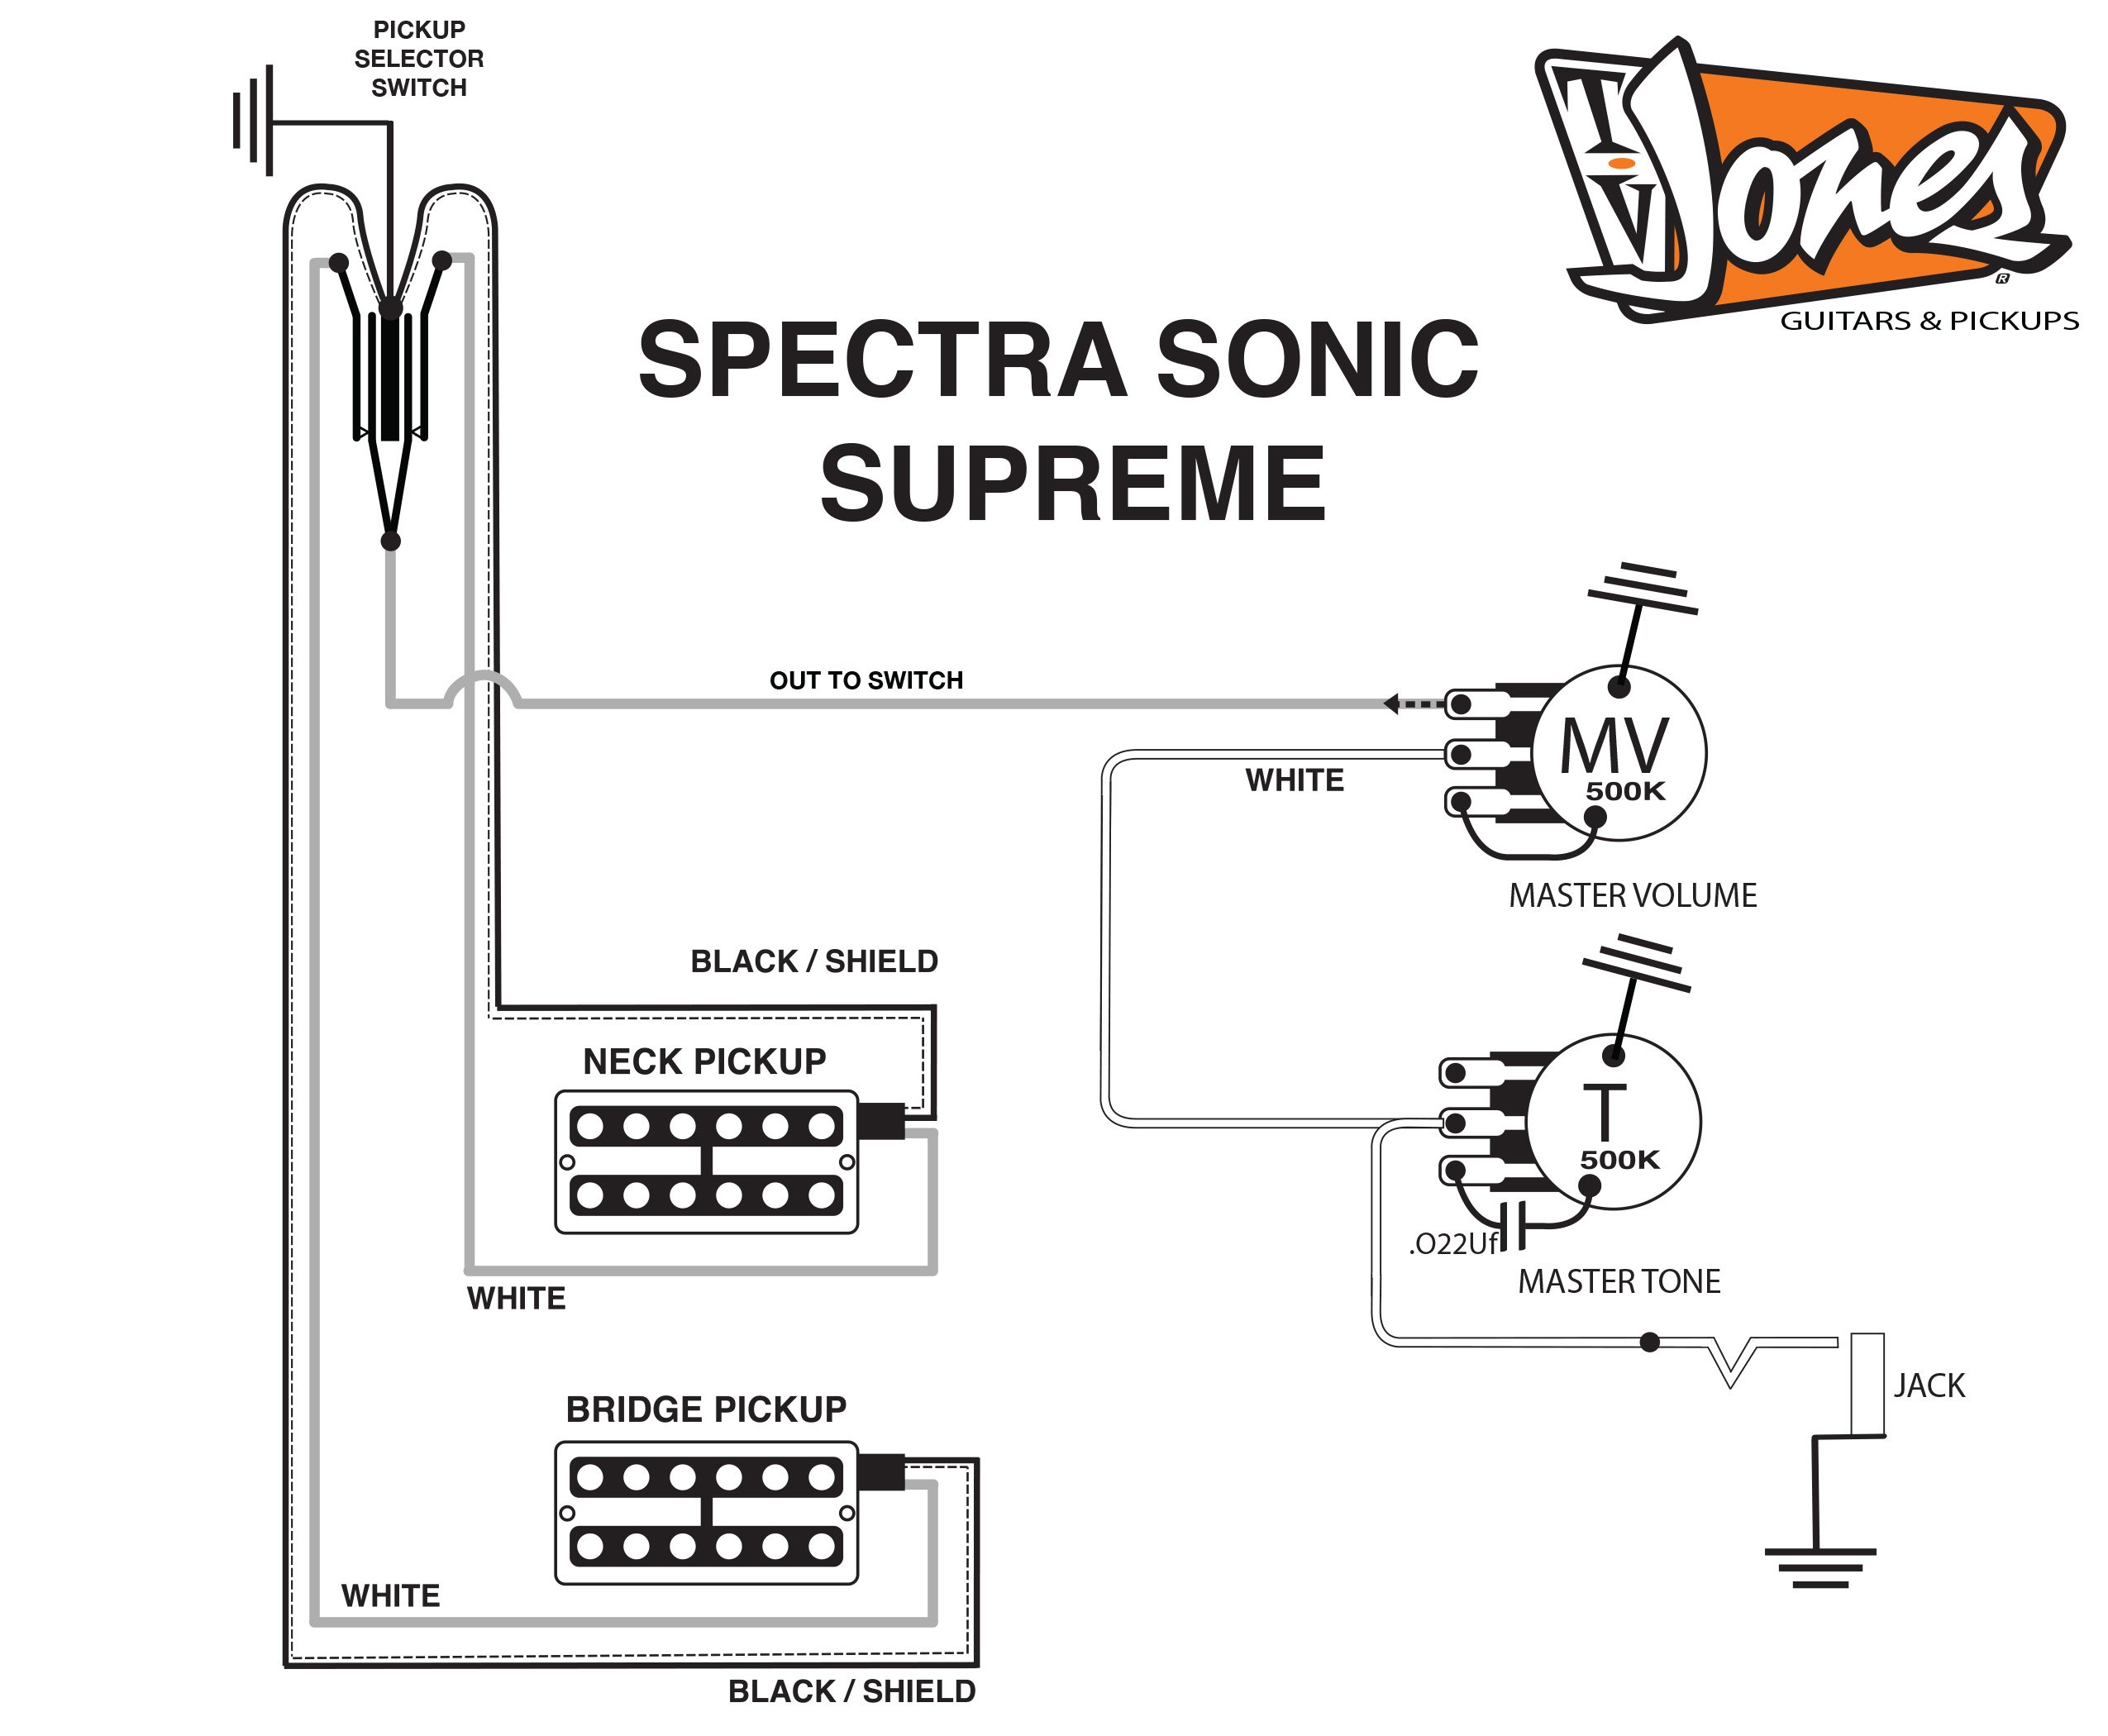 3 tv wiring diagram dx 8011  bose companion 3 wiring diagram wiring diagram  bose companion 3 wiring diagram wiring